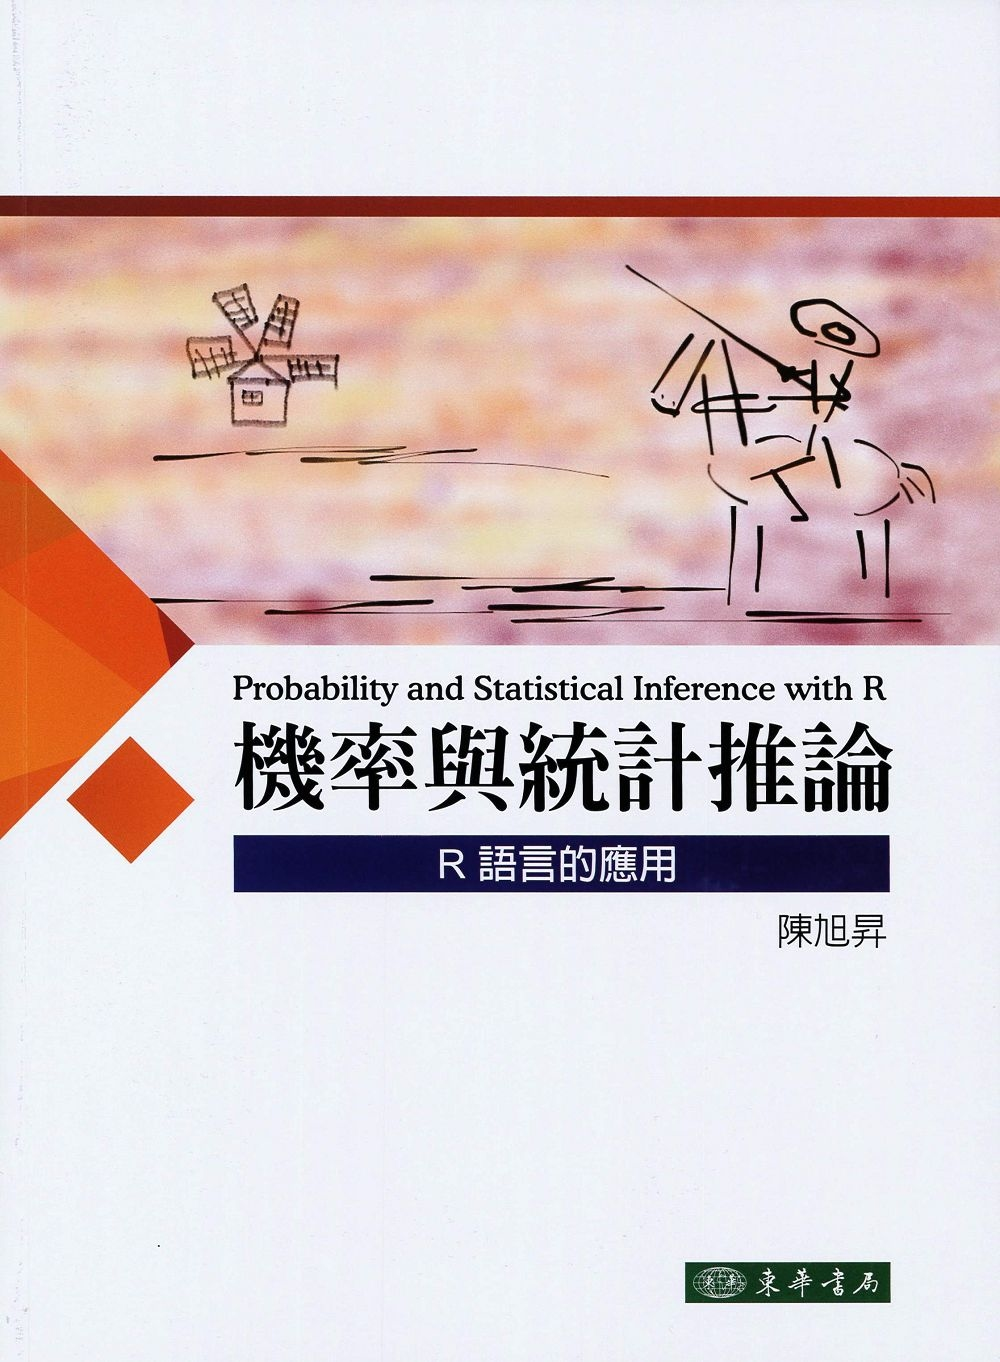 機率與統計推論:R語言的應用